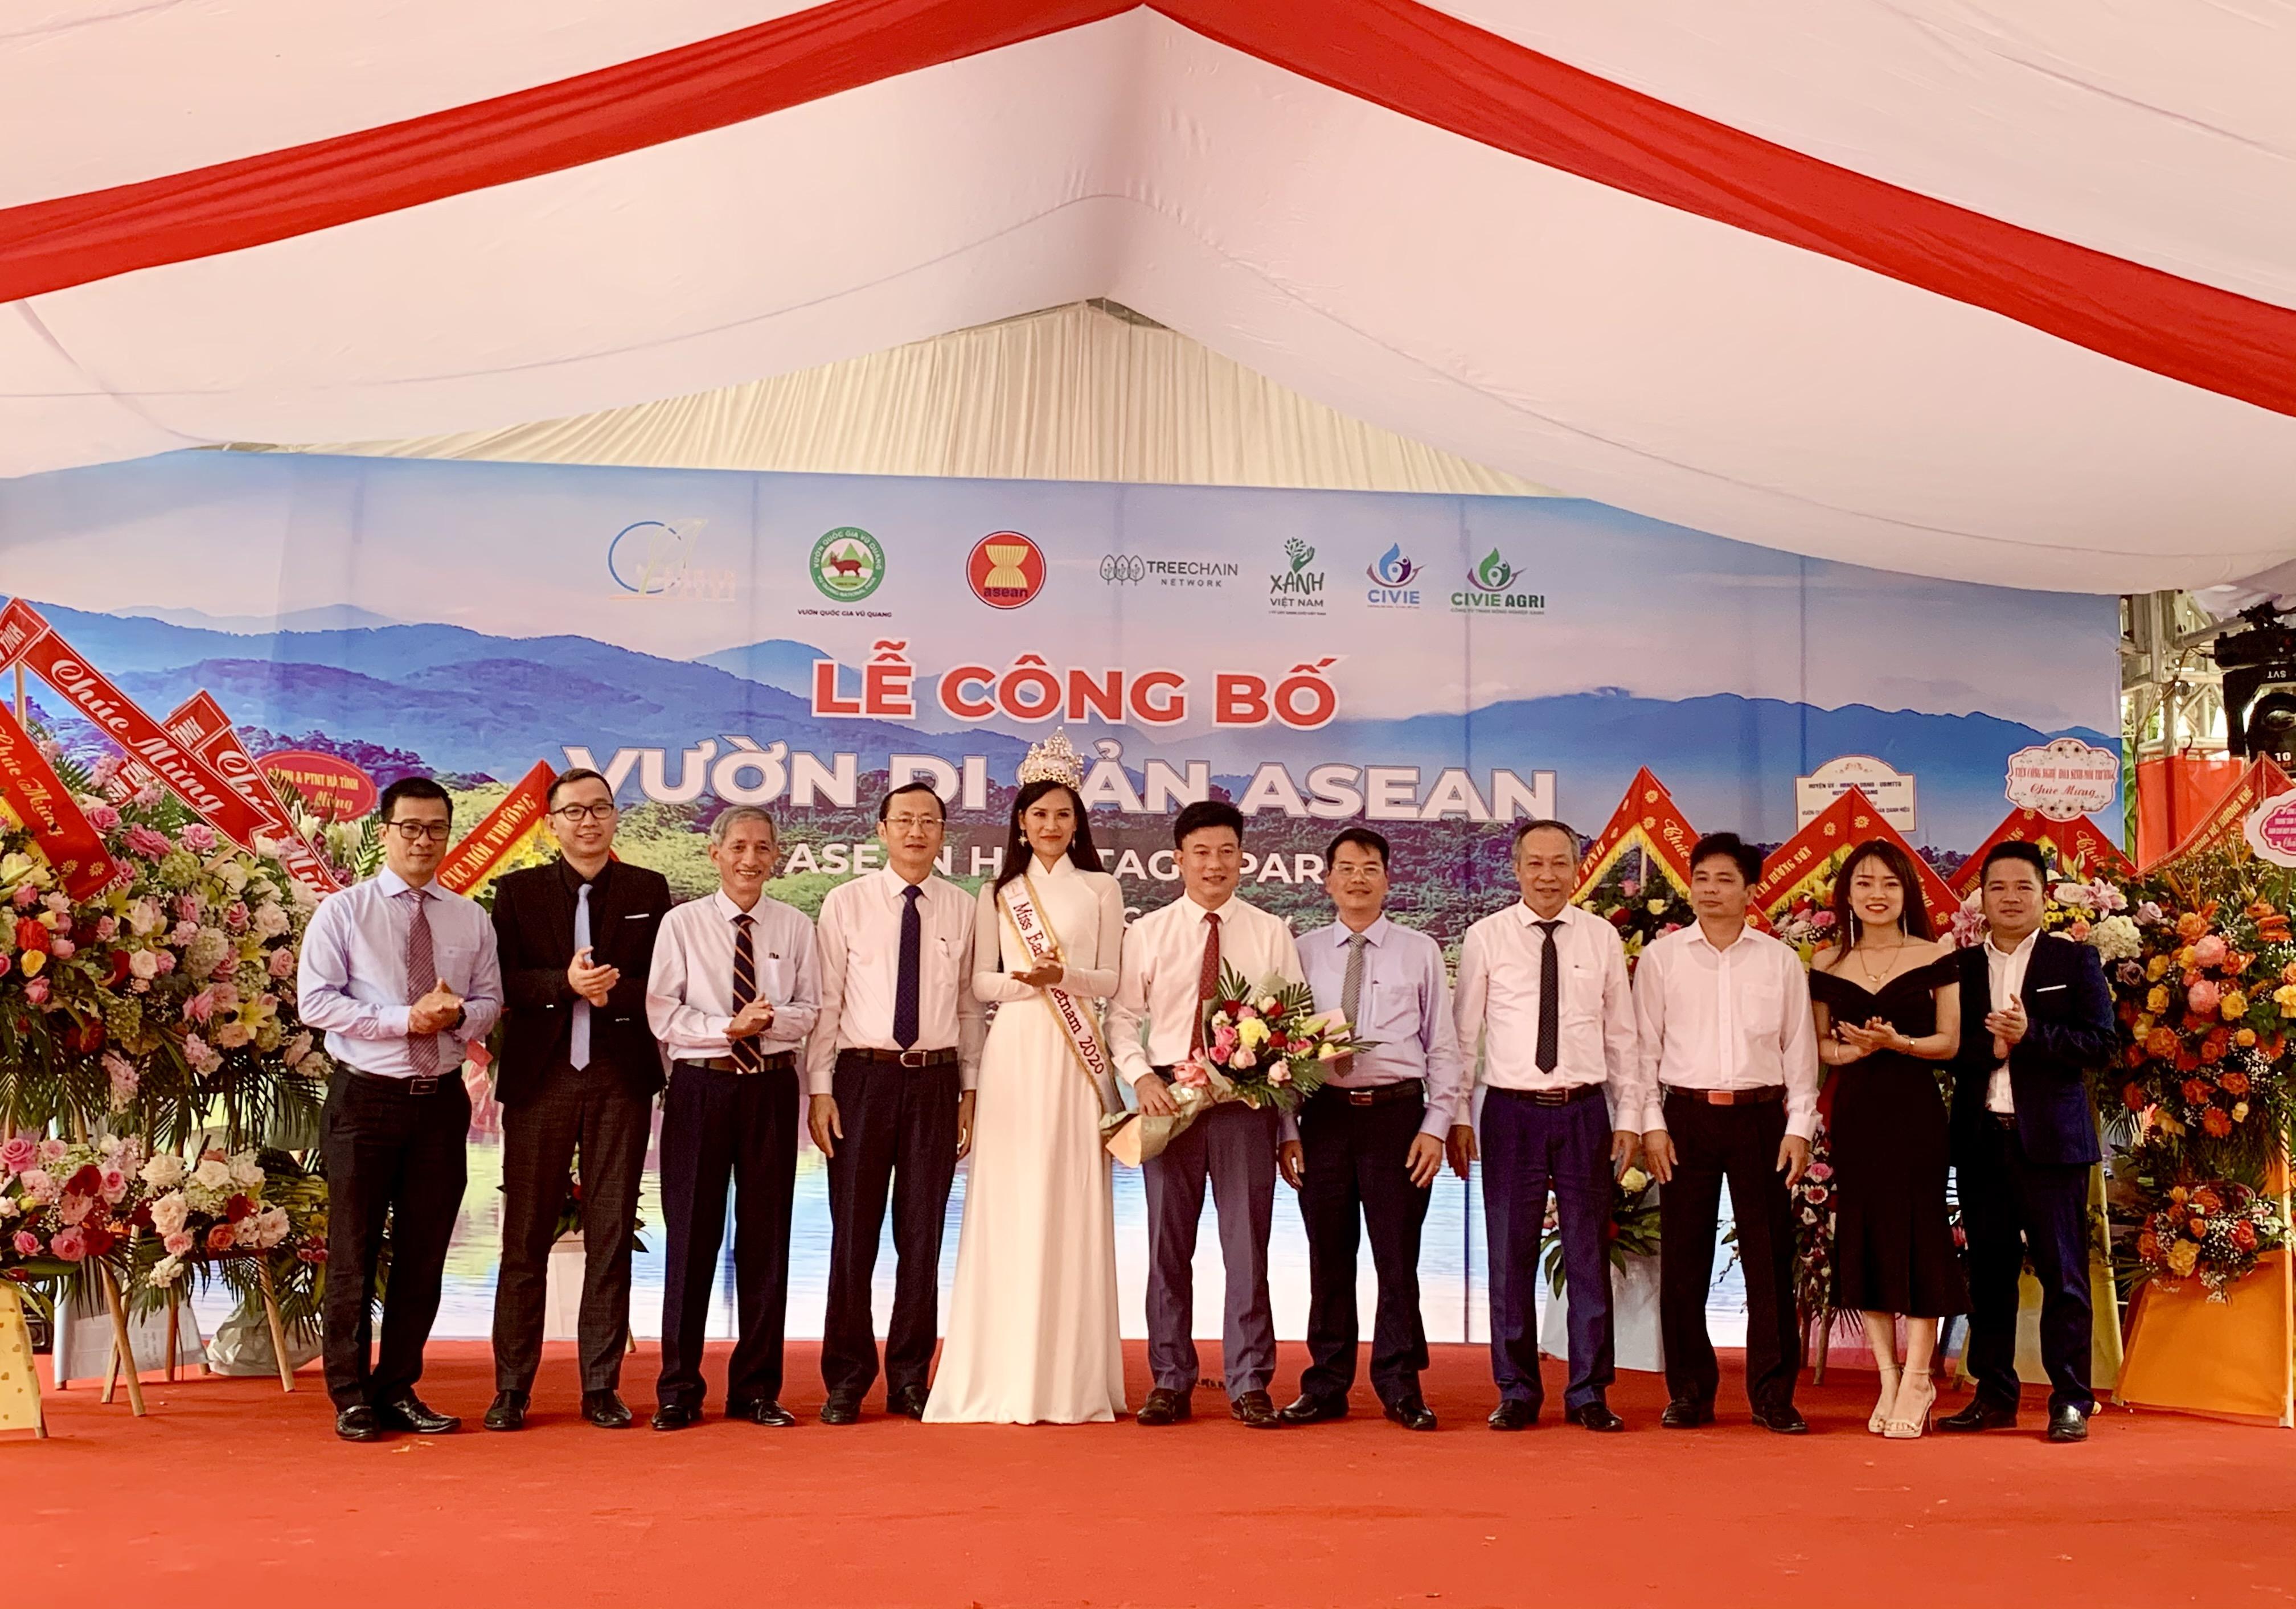 Vườn Quốc gia Vũ Quang tổ chức Lễ đón nhận danh hiệu Vườn di sản ASEAN